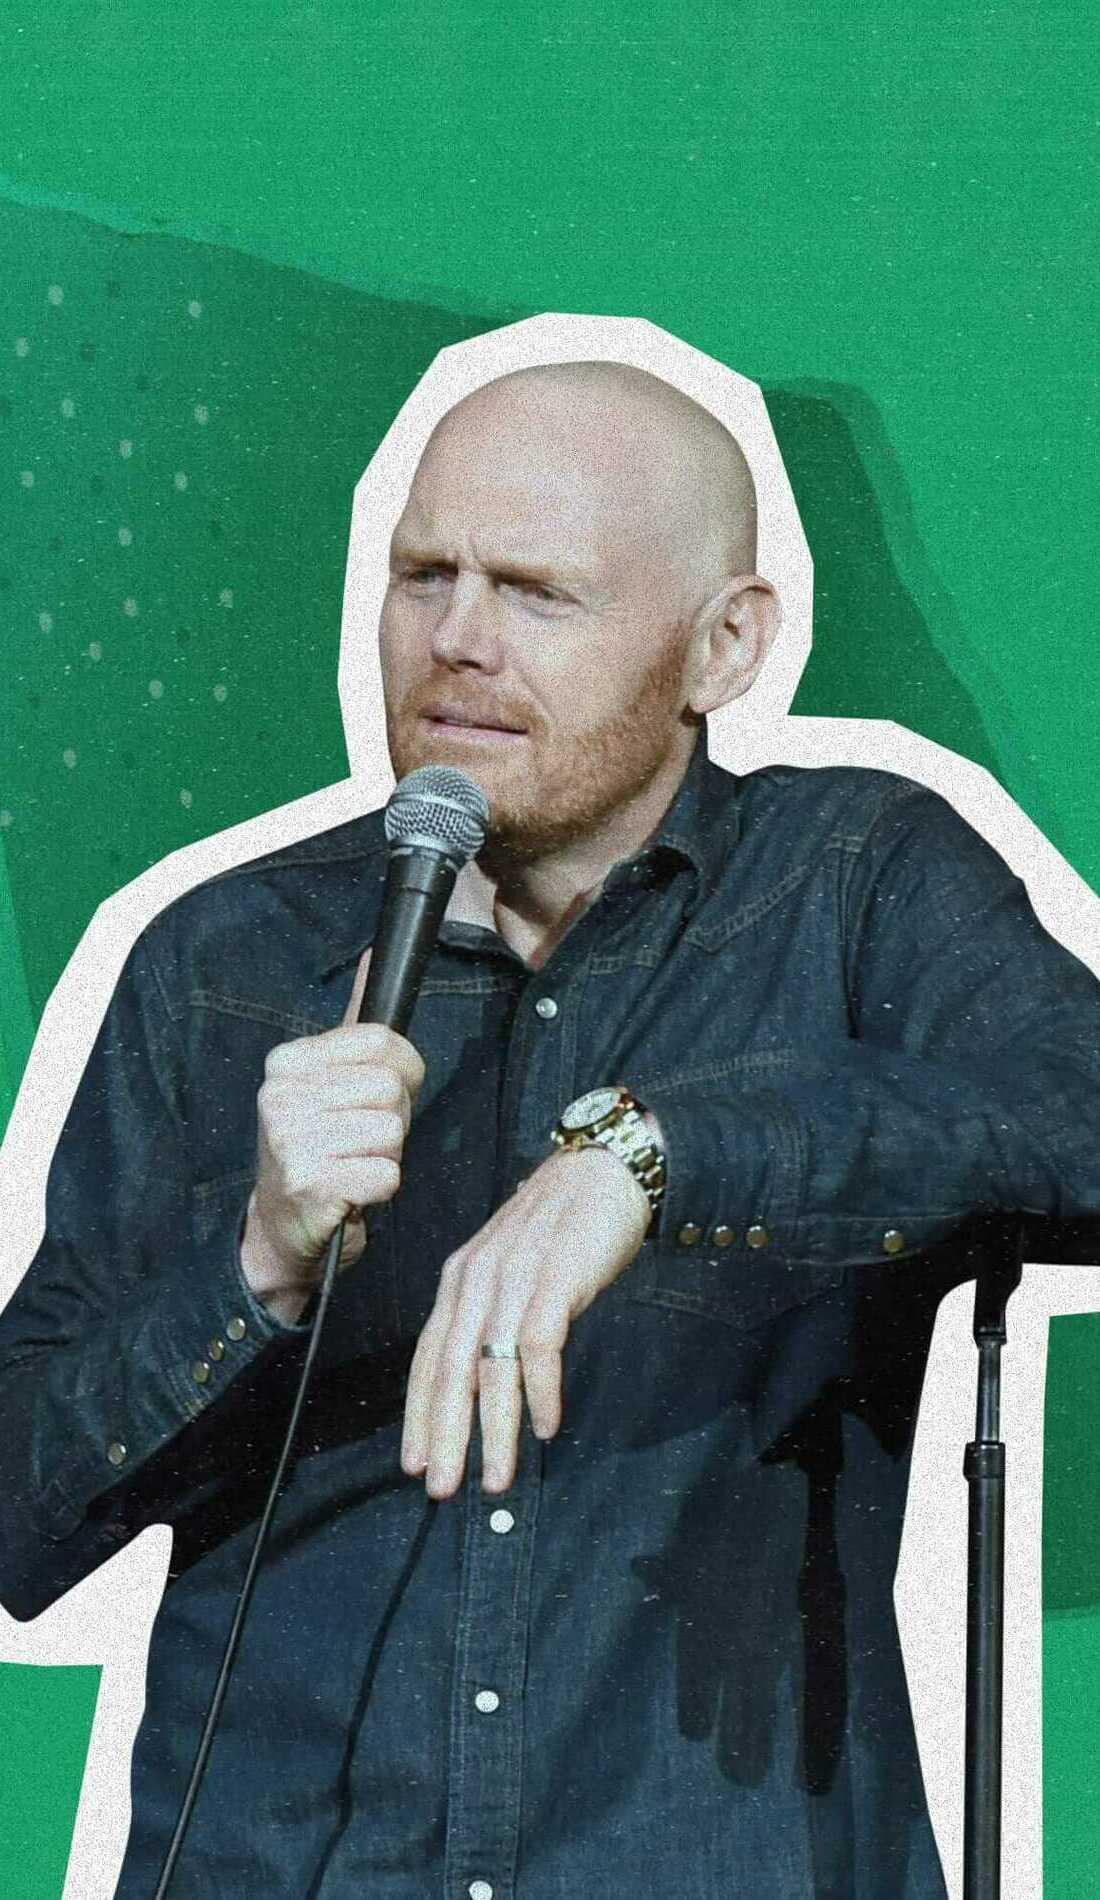 A Bill Burr live event